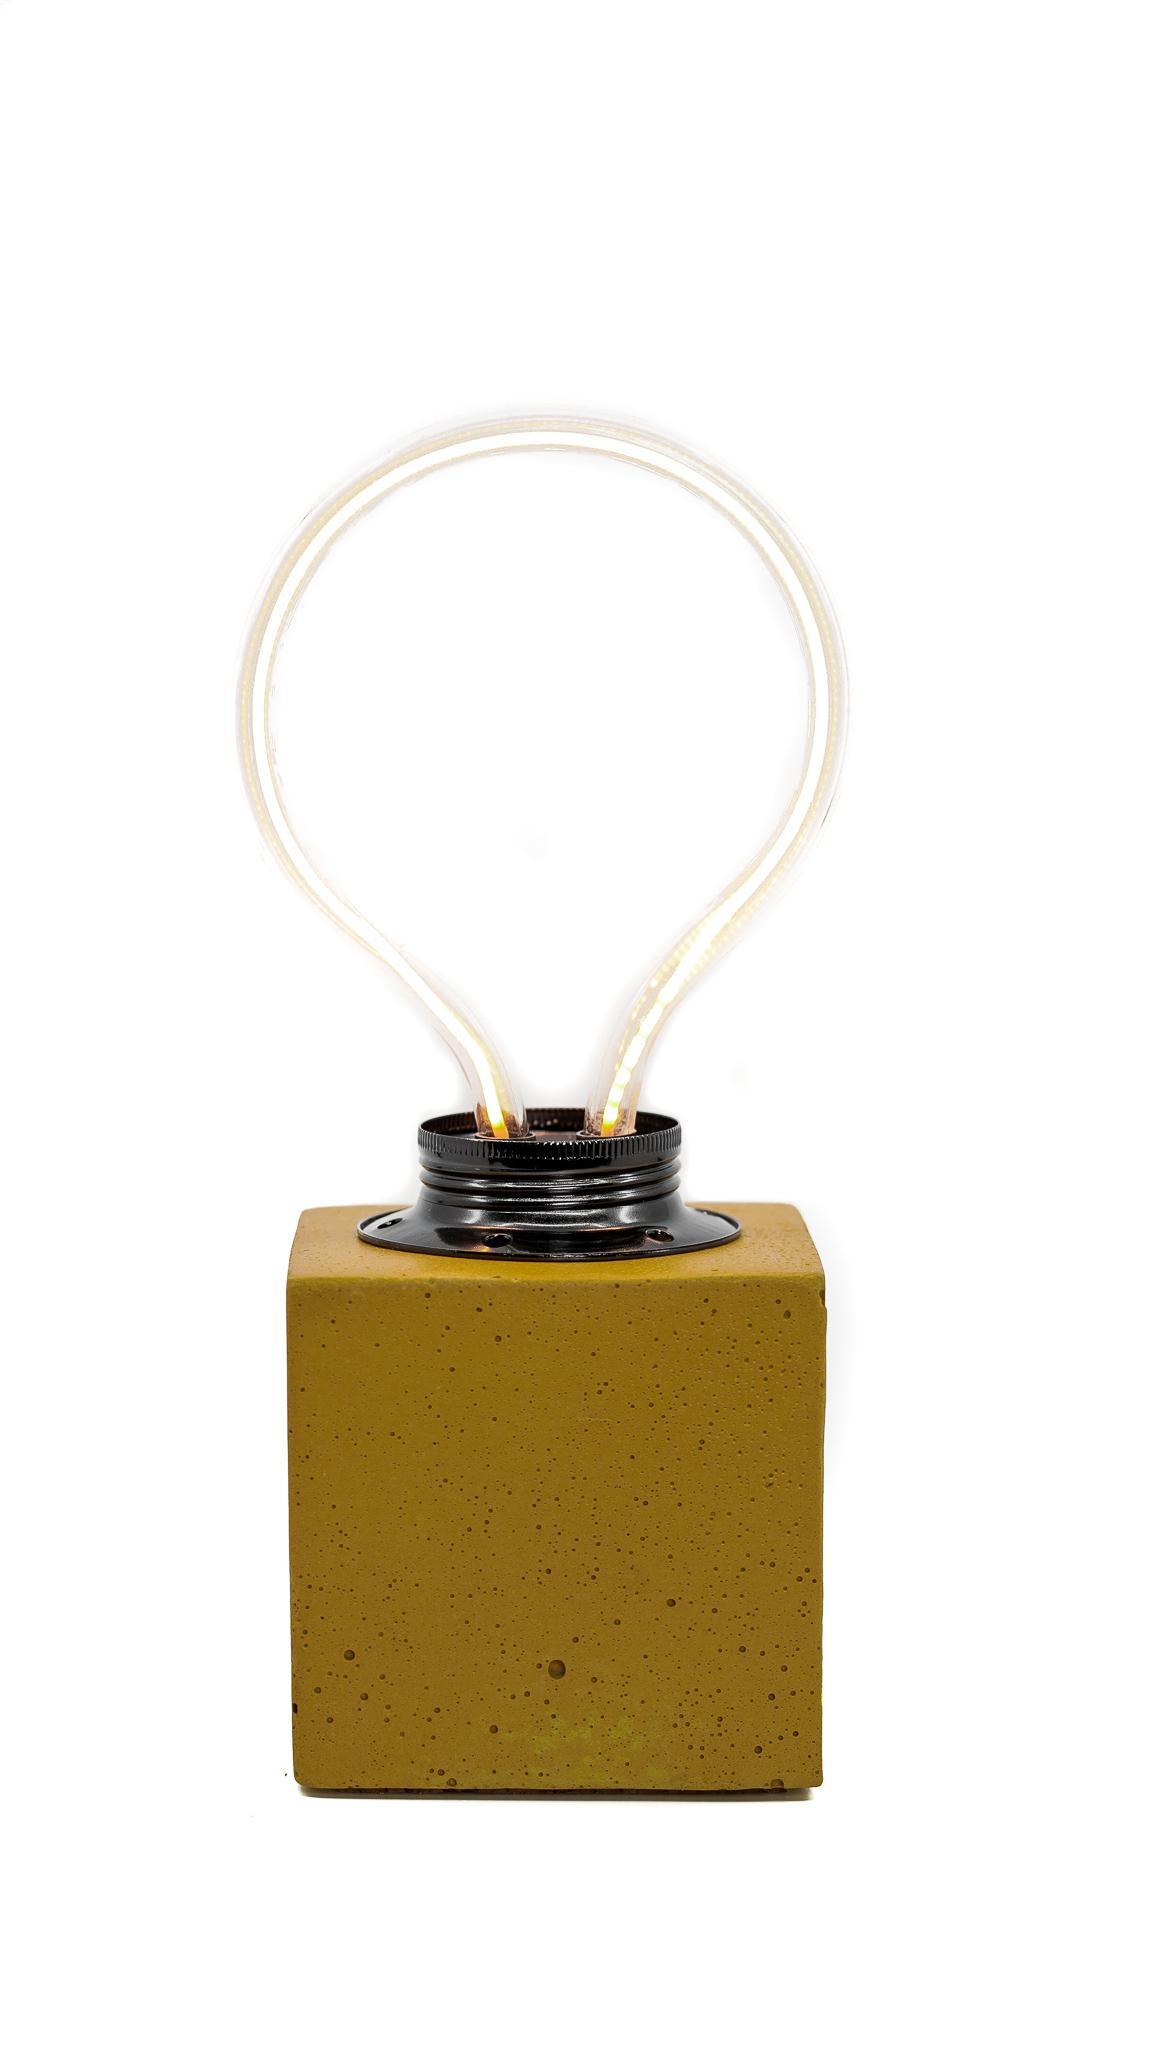 Lampe cube néon en béton jaune fabrication artisanale